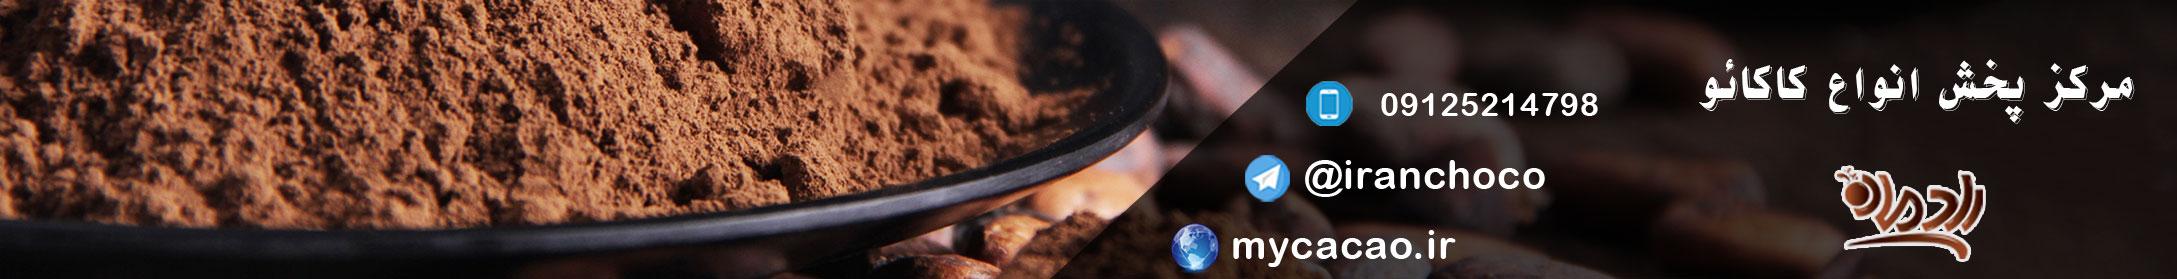 بازار فروش انواع پاستیل و کاکائو